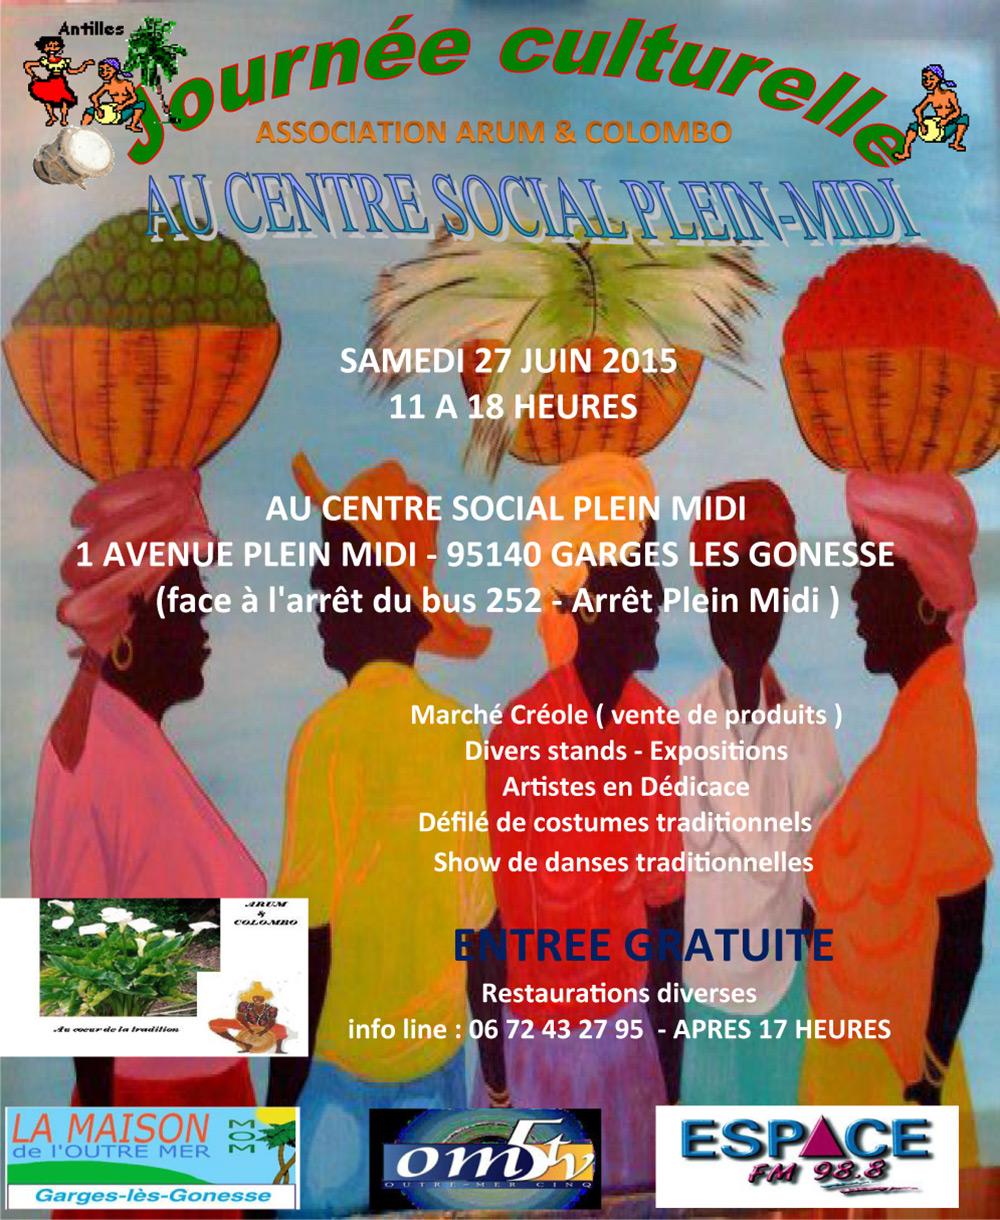 samedi-culturelle-invitation-arum-&-colombo--juin-2015_5